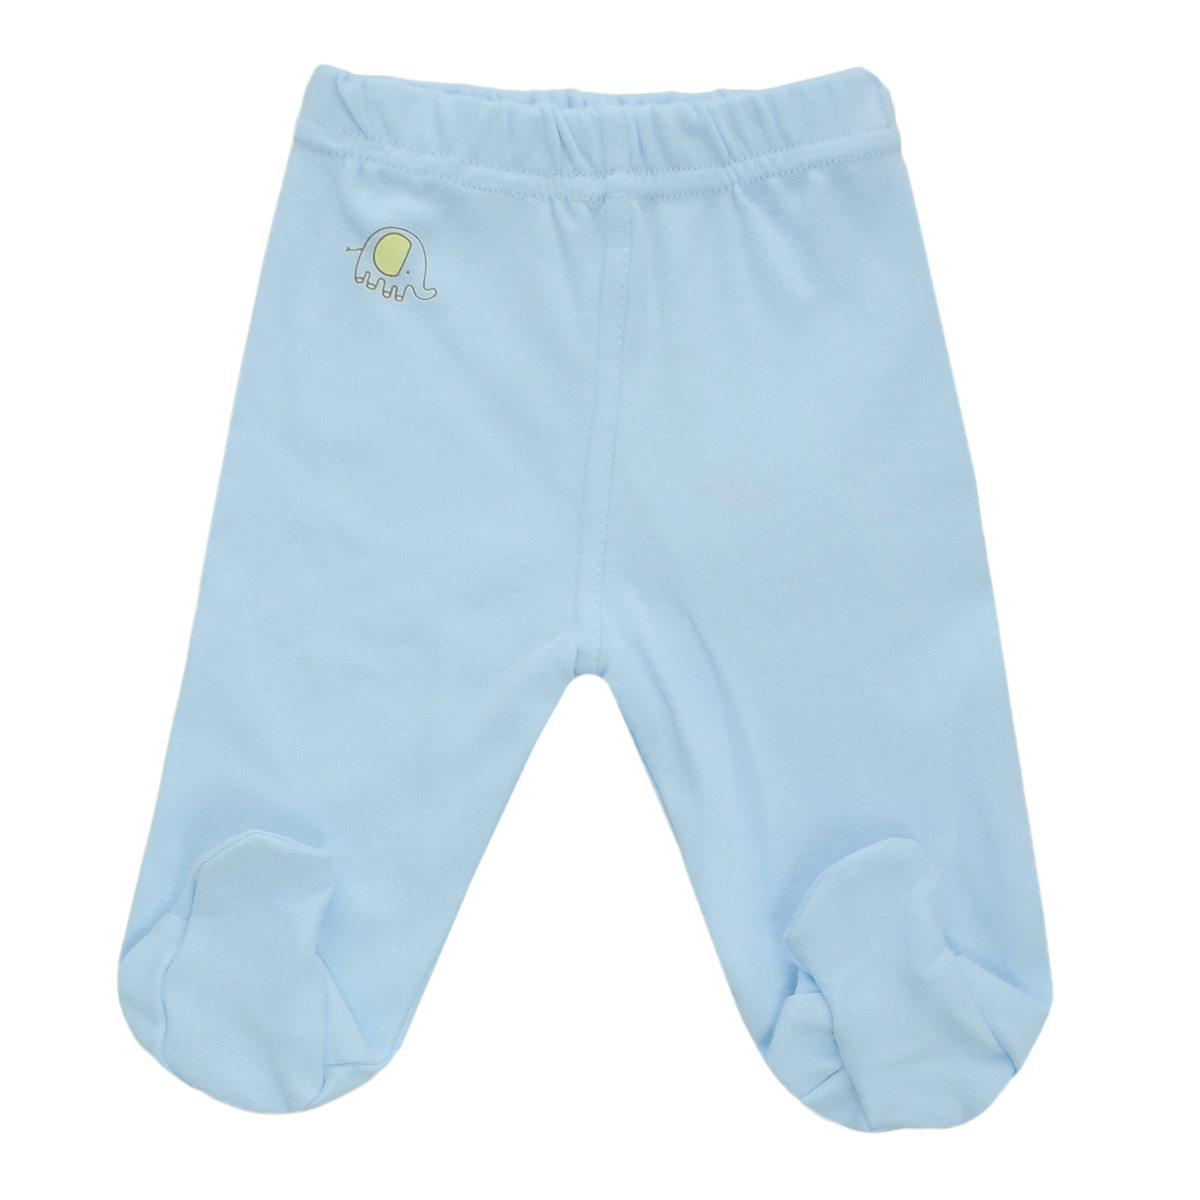 Ползунки37-561Ползунки для новорожденного Клякса послужат идеальным дополнением к гардеробу вашего младенца, обеспечивая ему наибольший комфорт. Модель, изготовленная из интерлока - натурального хлопка, необычайно мягкая и легкая, не раздражает нежную кожу ребенка и хорошо вентилируется, а эластичные швы приятны телу новорожденного и не препятствуют его движениям. Ползунки с закрытыми ножками благодаря мягкому эластичному поясу не сдавливают животик младенца и не сползают, идеально подходят для ношения с подгузником. Спереди изделие оформлено оригинальным принтом в виде небольшого изображения животного. Они полностью соответствуют особенностям жизни ребенка в ранний период, не стесняя и не ограничивая его в движениях. УВАЖАЕМЫЕ КЛИЕНТЫ! Обращаем ваше внимание на возможные незначительные изменения в дизайне: рисунок животного может отличатся от рисунка, изображенного на фотографии.